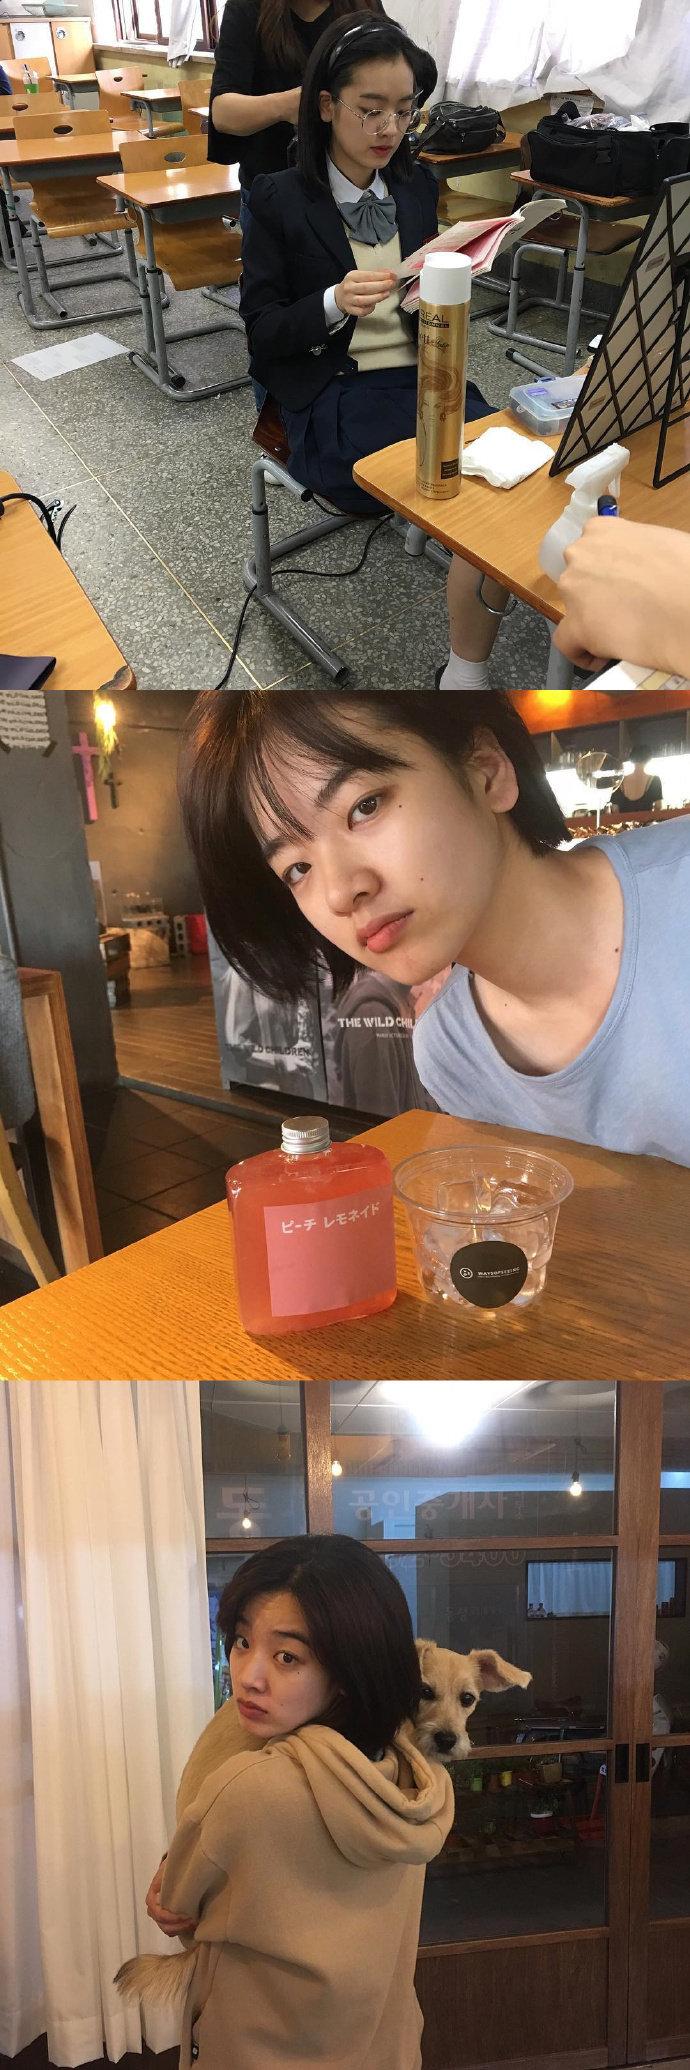 梨泰院class里的马贤丽欧尼李珠英 私照简直帅一脸.